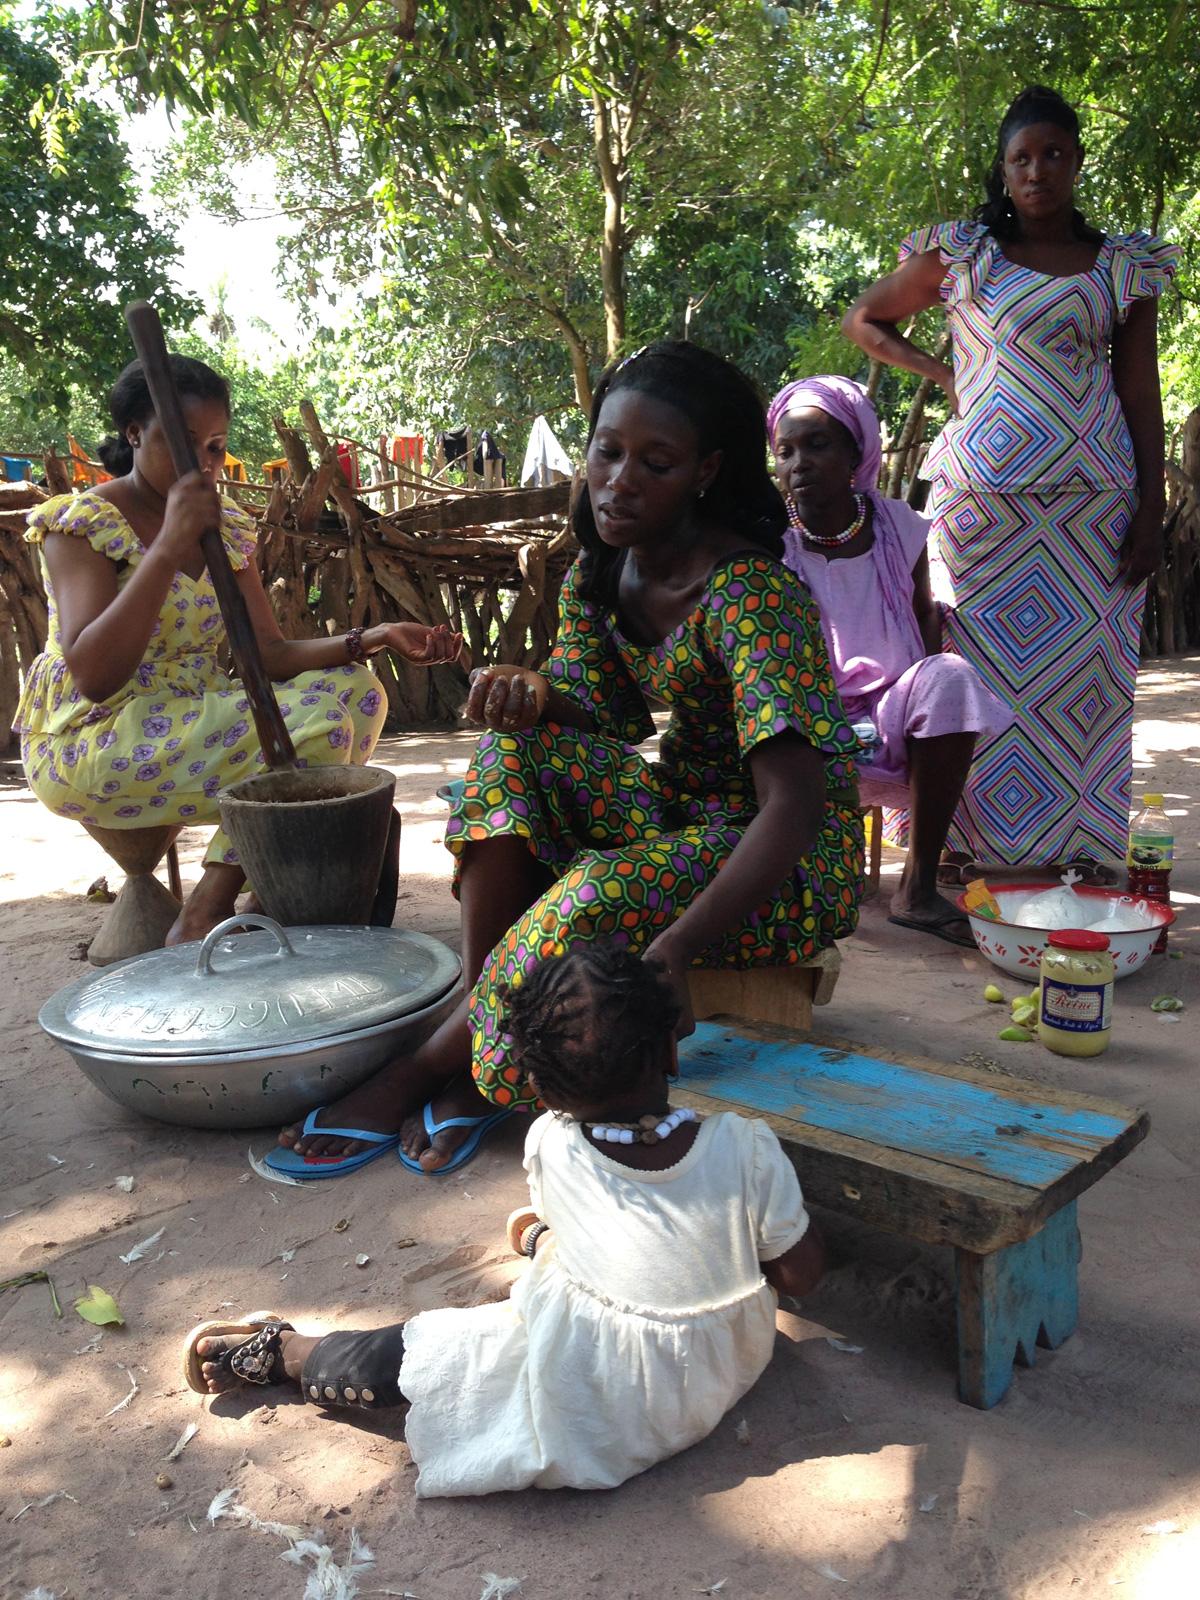 Les dones juguen un paper molt important a Caparan i a la societat africana. Foto: carlespascual.cat